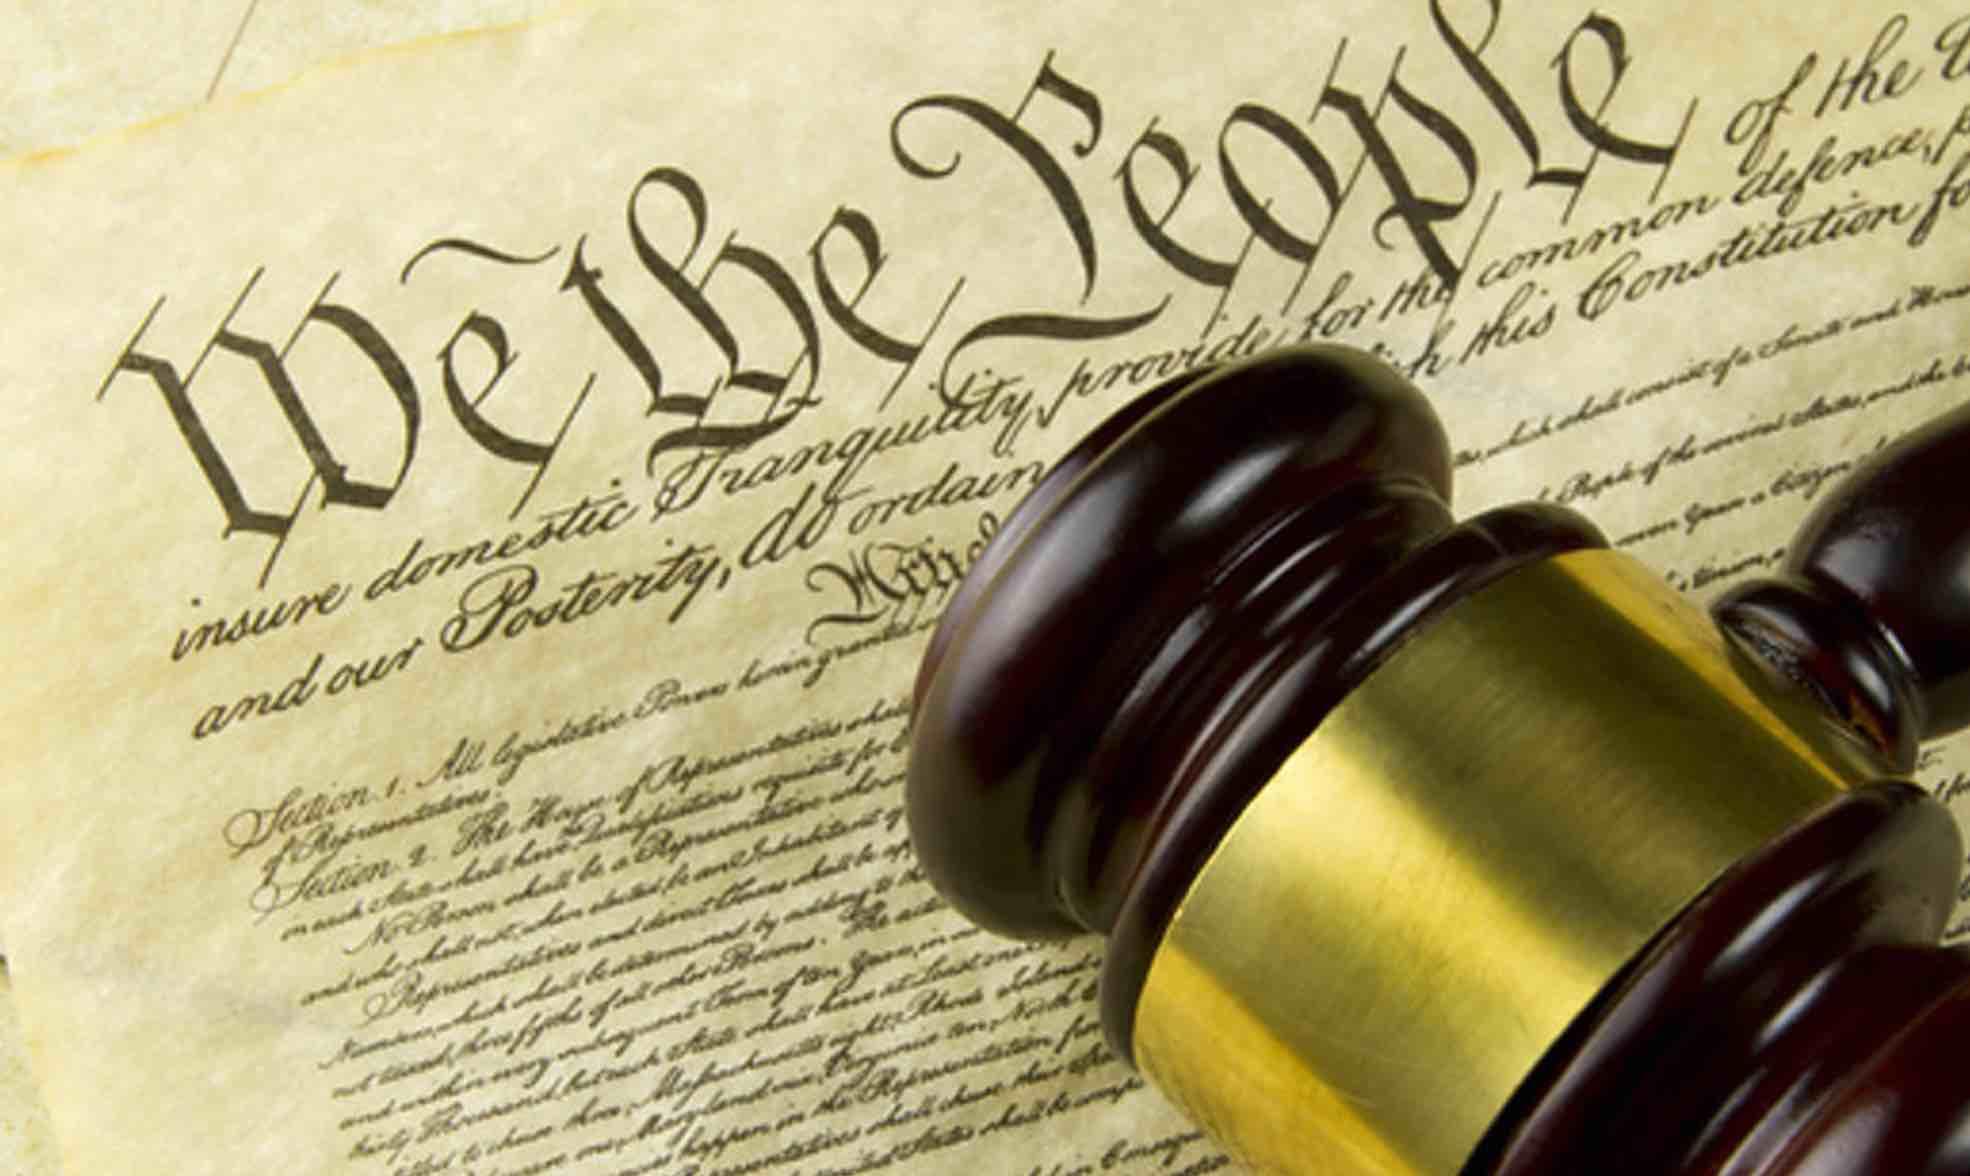 Democracia y Libertad, Corrupción política, Estados Unidos, Hanke, Cato